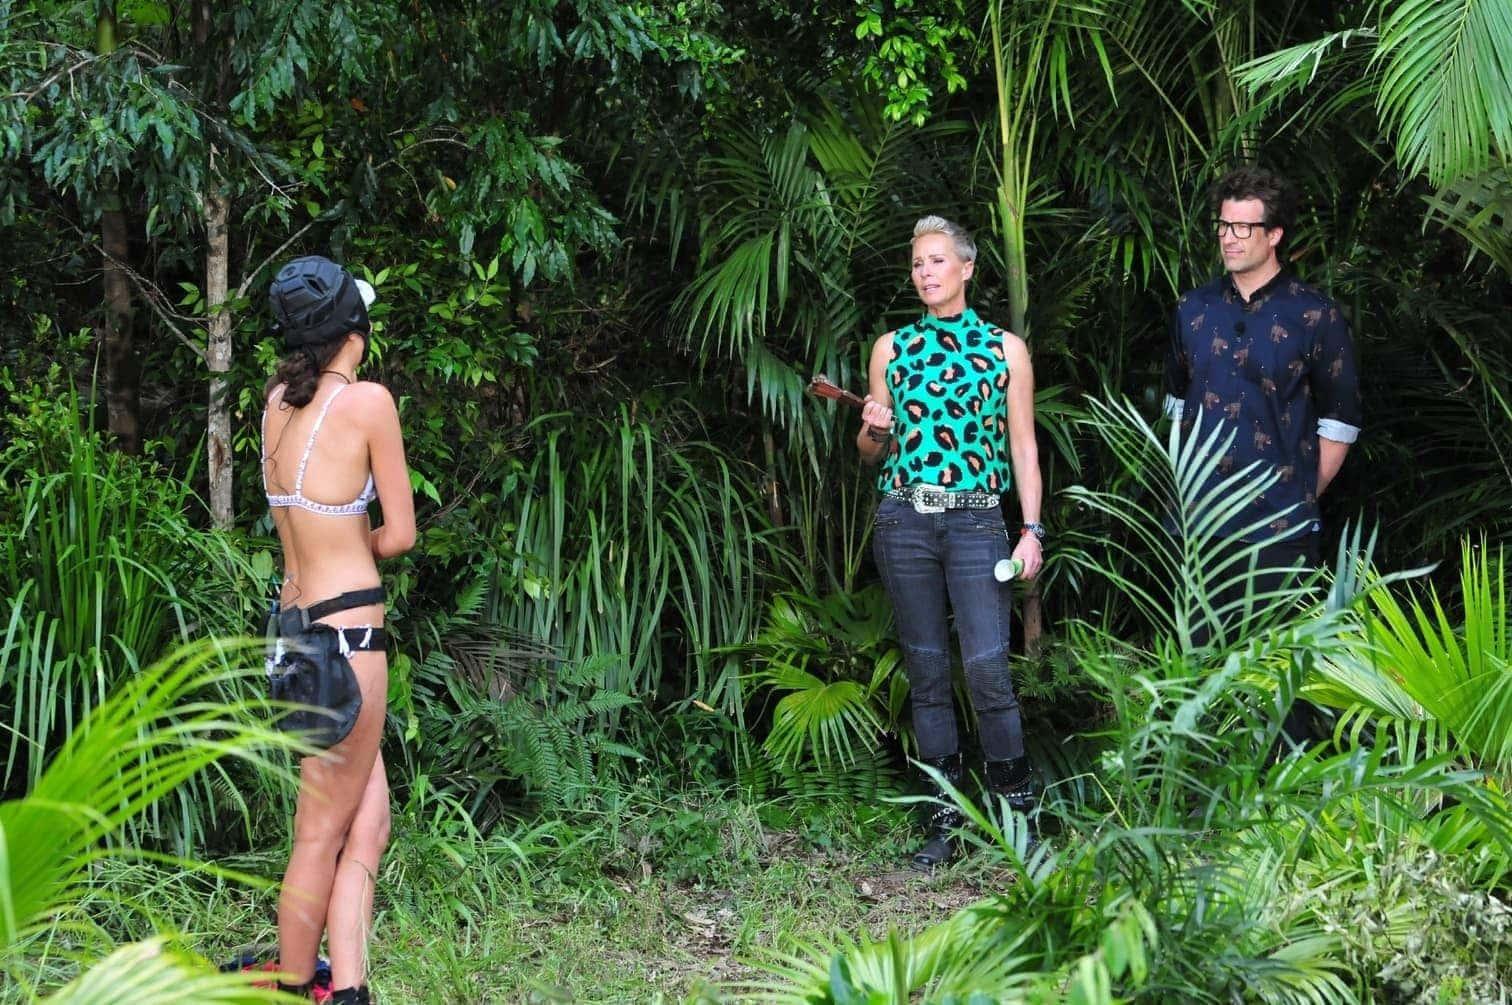 <p>Auch am dritten Tag muss Gisele Oppermann zur Dschungelprüfung antreten. Hier begrüßen die Moderatoren Sonja Zietlow und Daniel Hartwich das Sensibelchen zur Prüfung